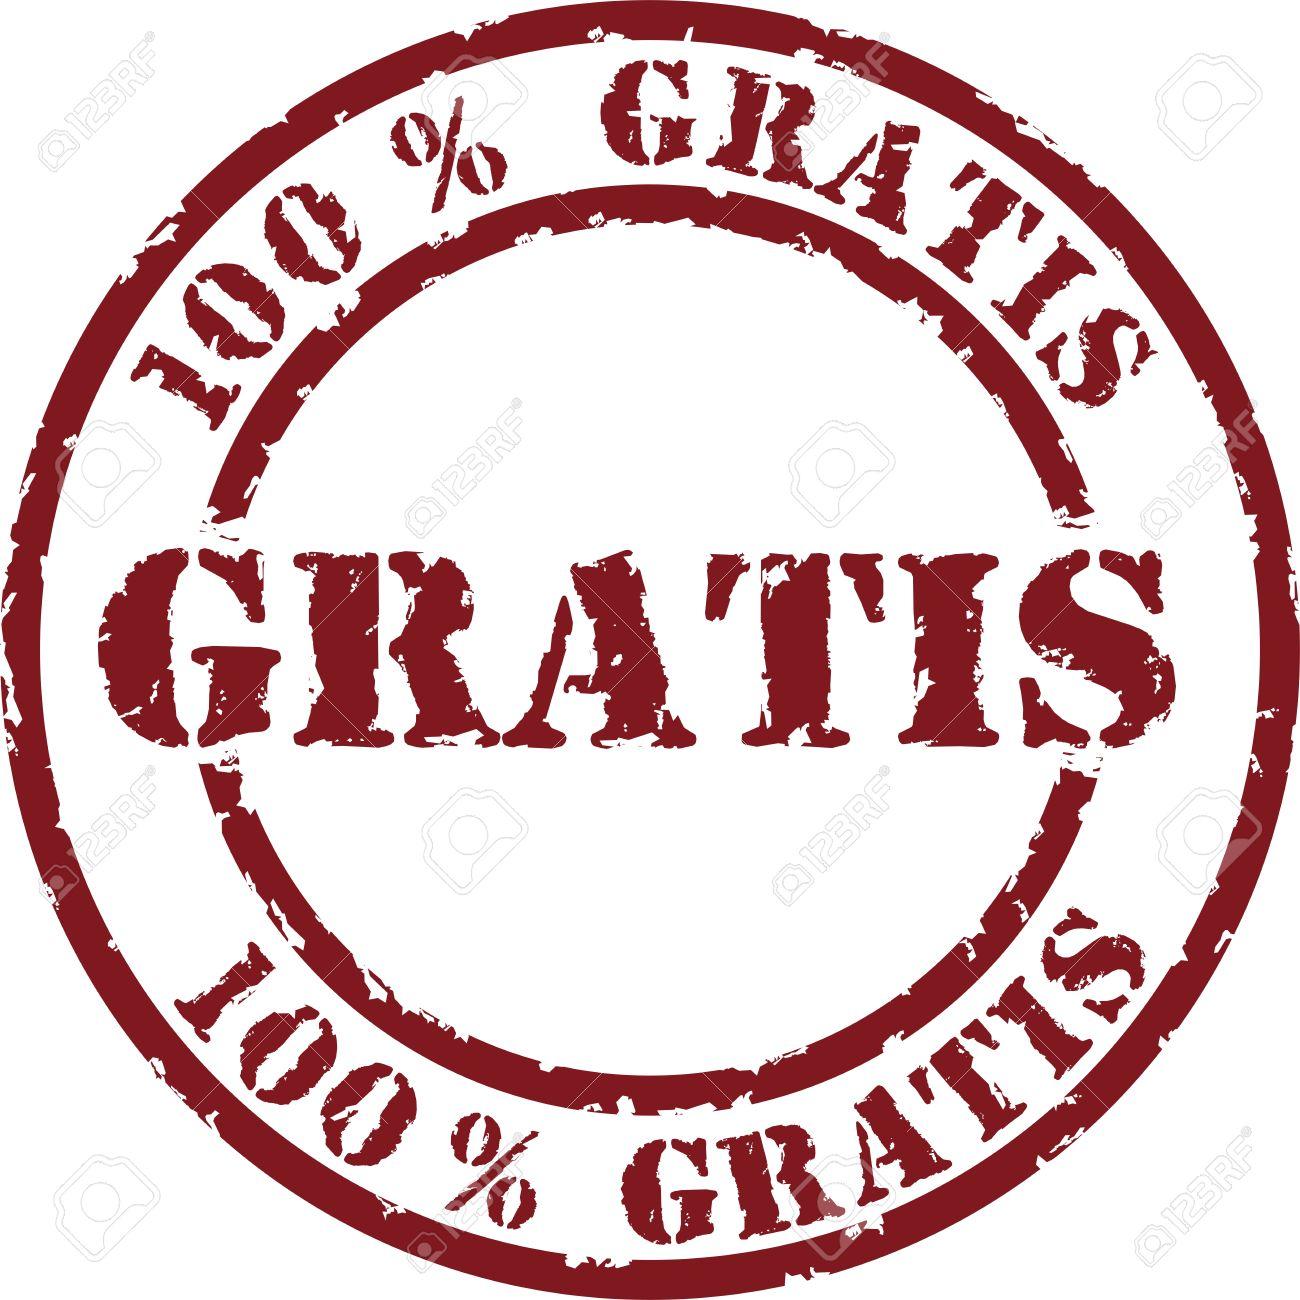 vector gratis stamp royalty free cliparts vectors and stock rh 123rf com vectors freepik vectors free download sites